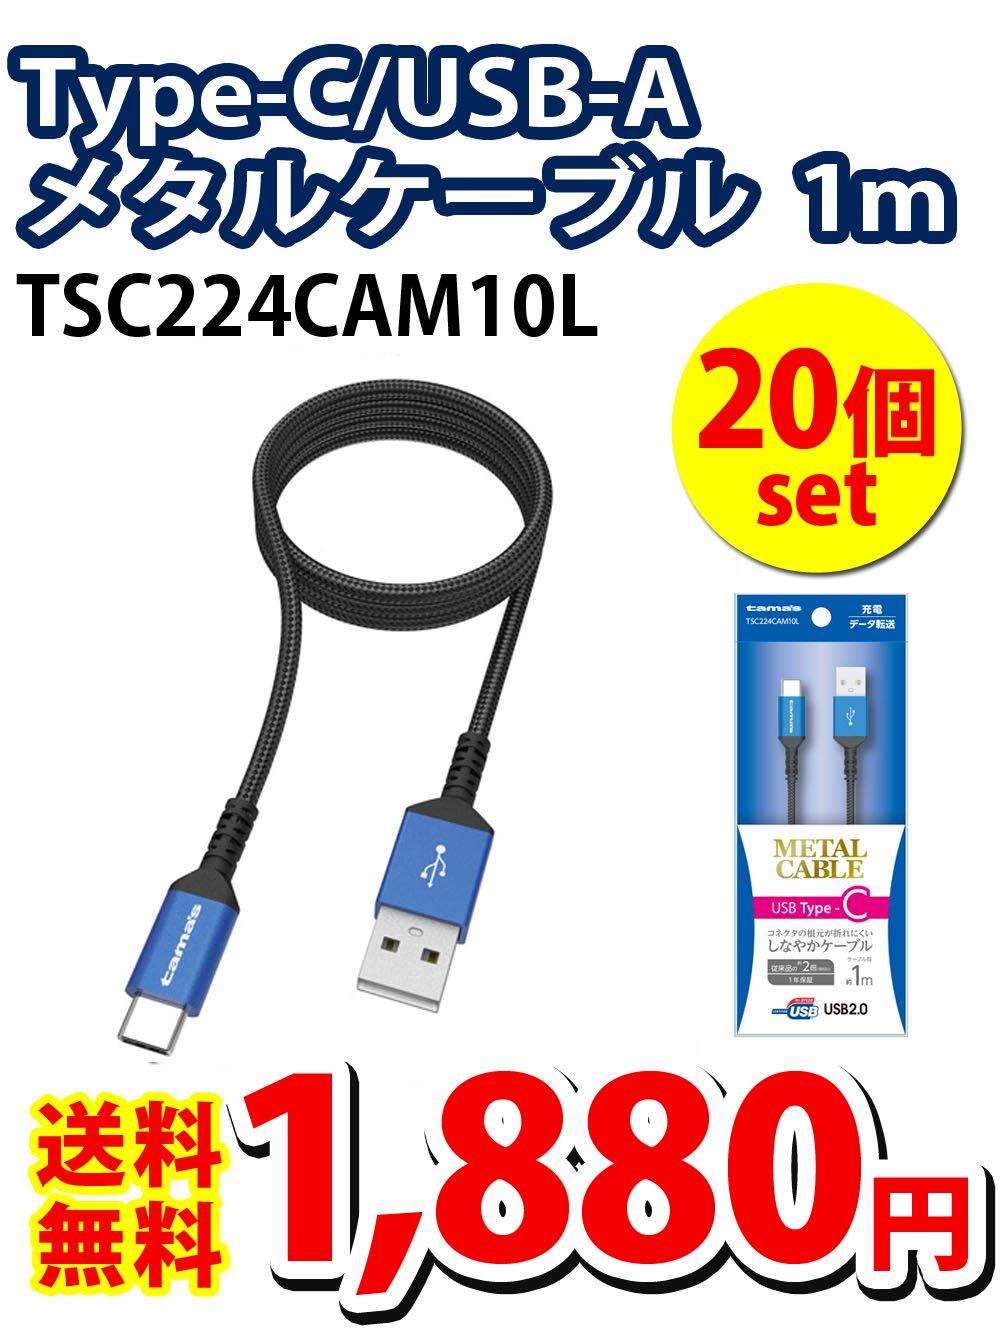 【送料無料】Type-C/USB-A メタルケーブル ロングブッシュ 1m TSC224CAM10L【20個セット】1880円